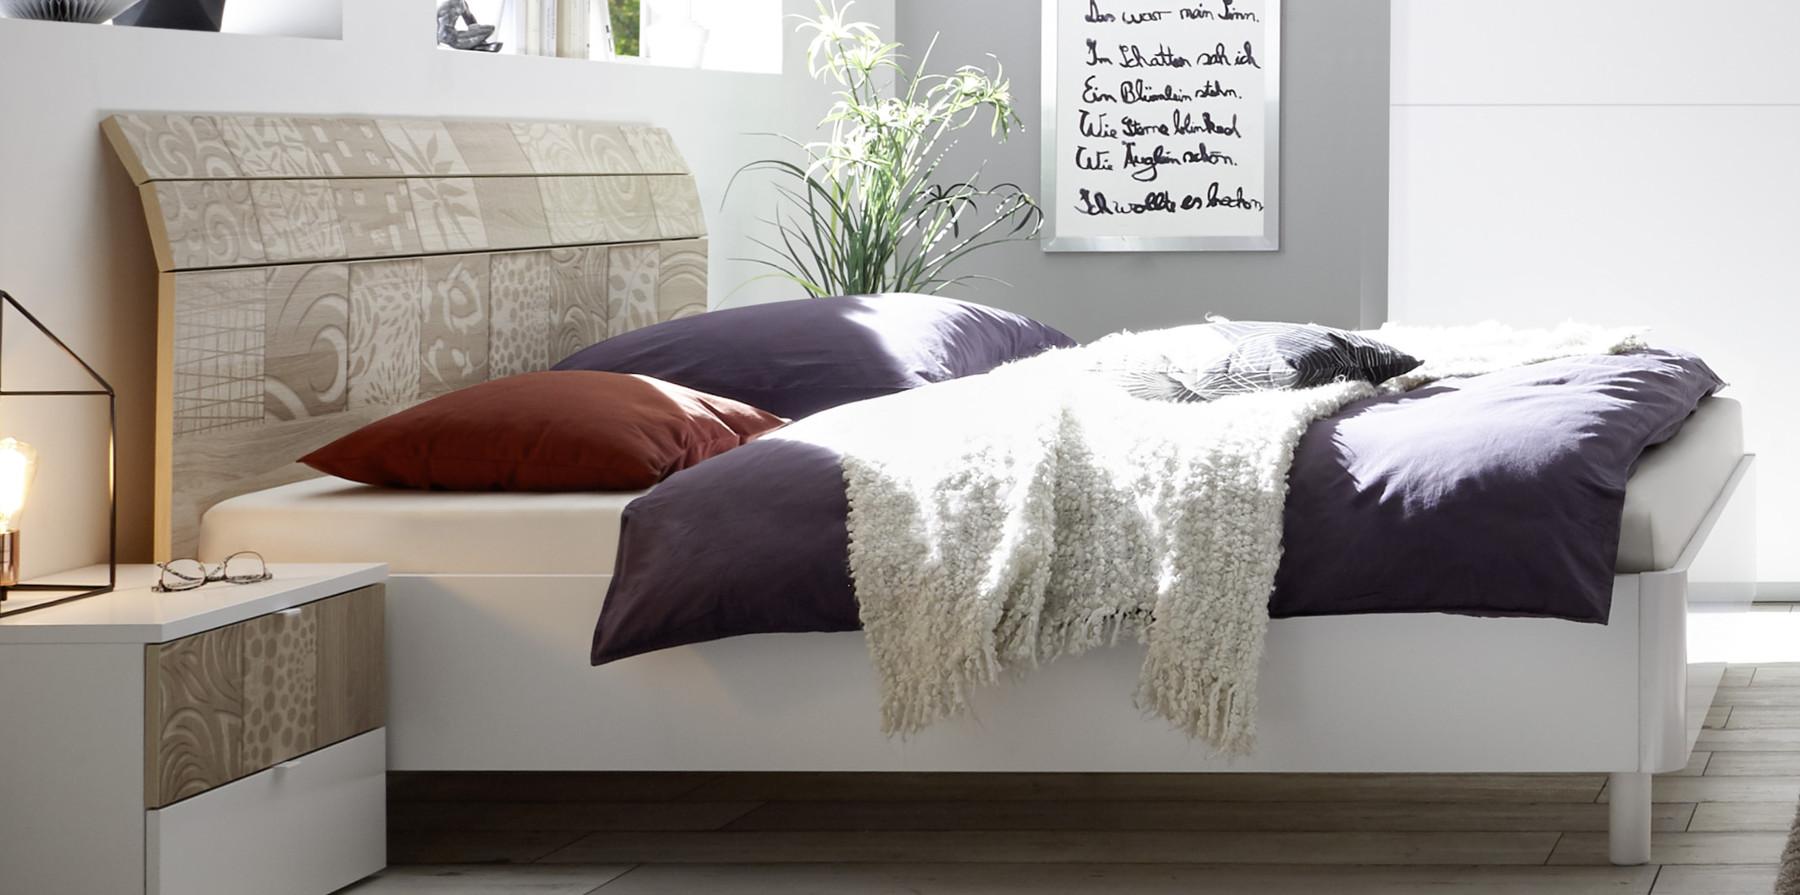 Full Size of Schlafzimmer Komplett Set 160x200 Bett Doppelbett Weiss Matt Eiche Siebdruck Xaria25 Designermbel Wandlampe 180x200 Günstig Weiß Clinique Even Better Wohnzimmer Schlafzimmer Komplett 160x200 Bett